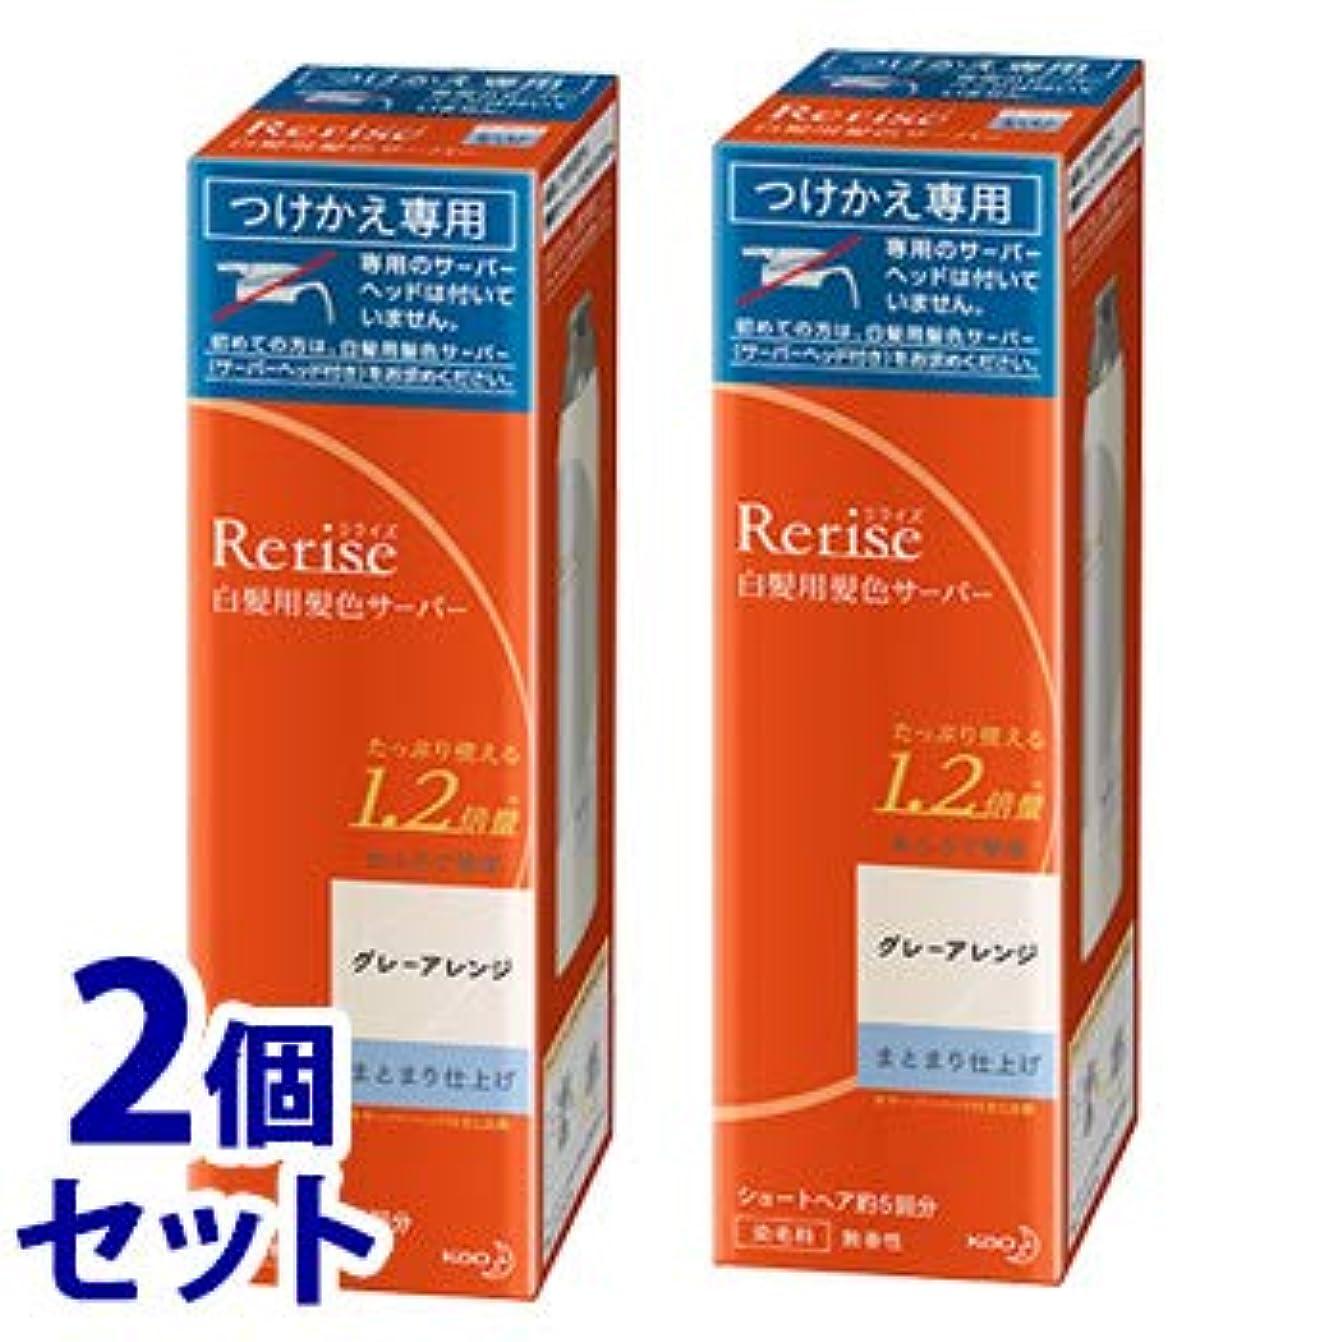 《セット販売》 花王 リライズ 白髪用髪色サーバー グレーアレンジ まとまり仕上げ つけかえ用 (190g)×2個セット 付け替え用 染毛料